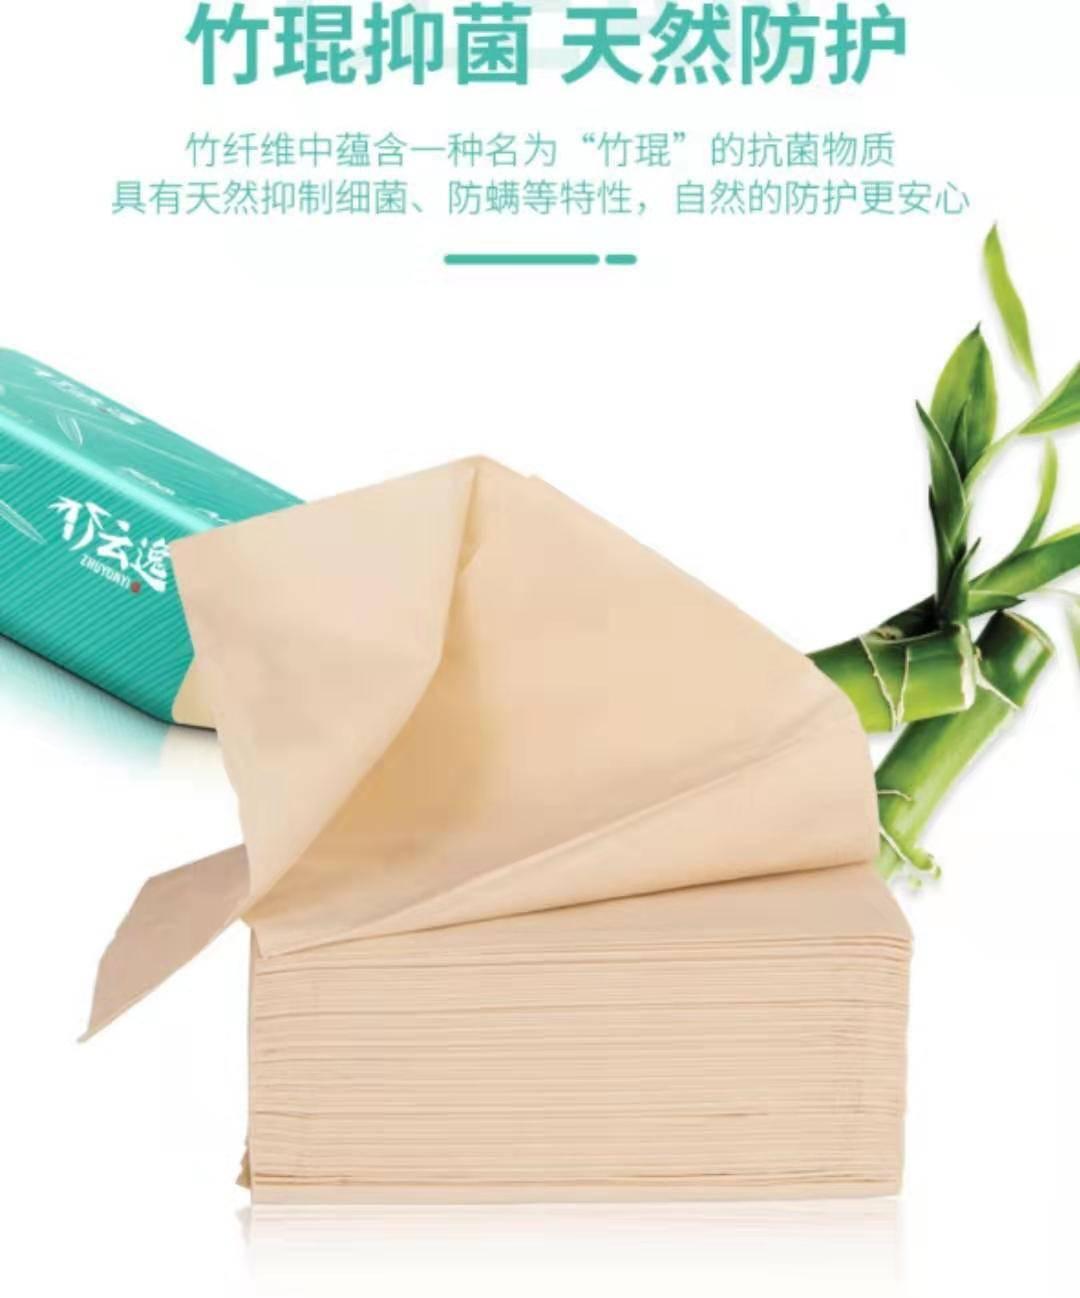 【包邮】9.9秒杀竹云逸超润亲肤抽纸竹浆本色天然竹琨抑菌6包装